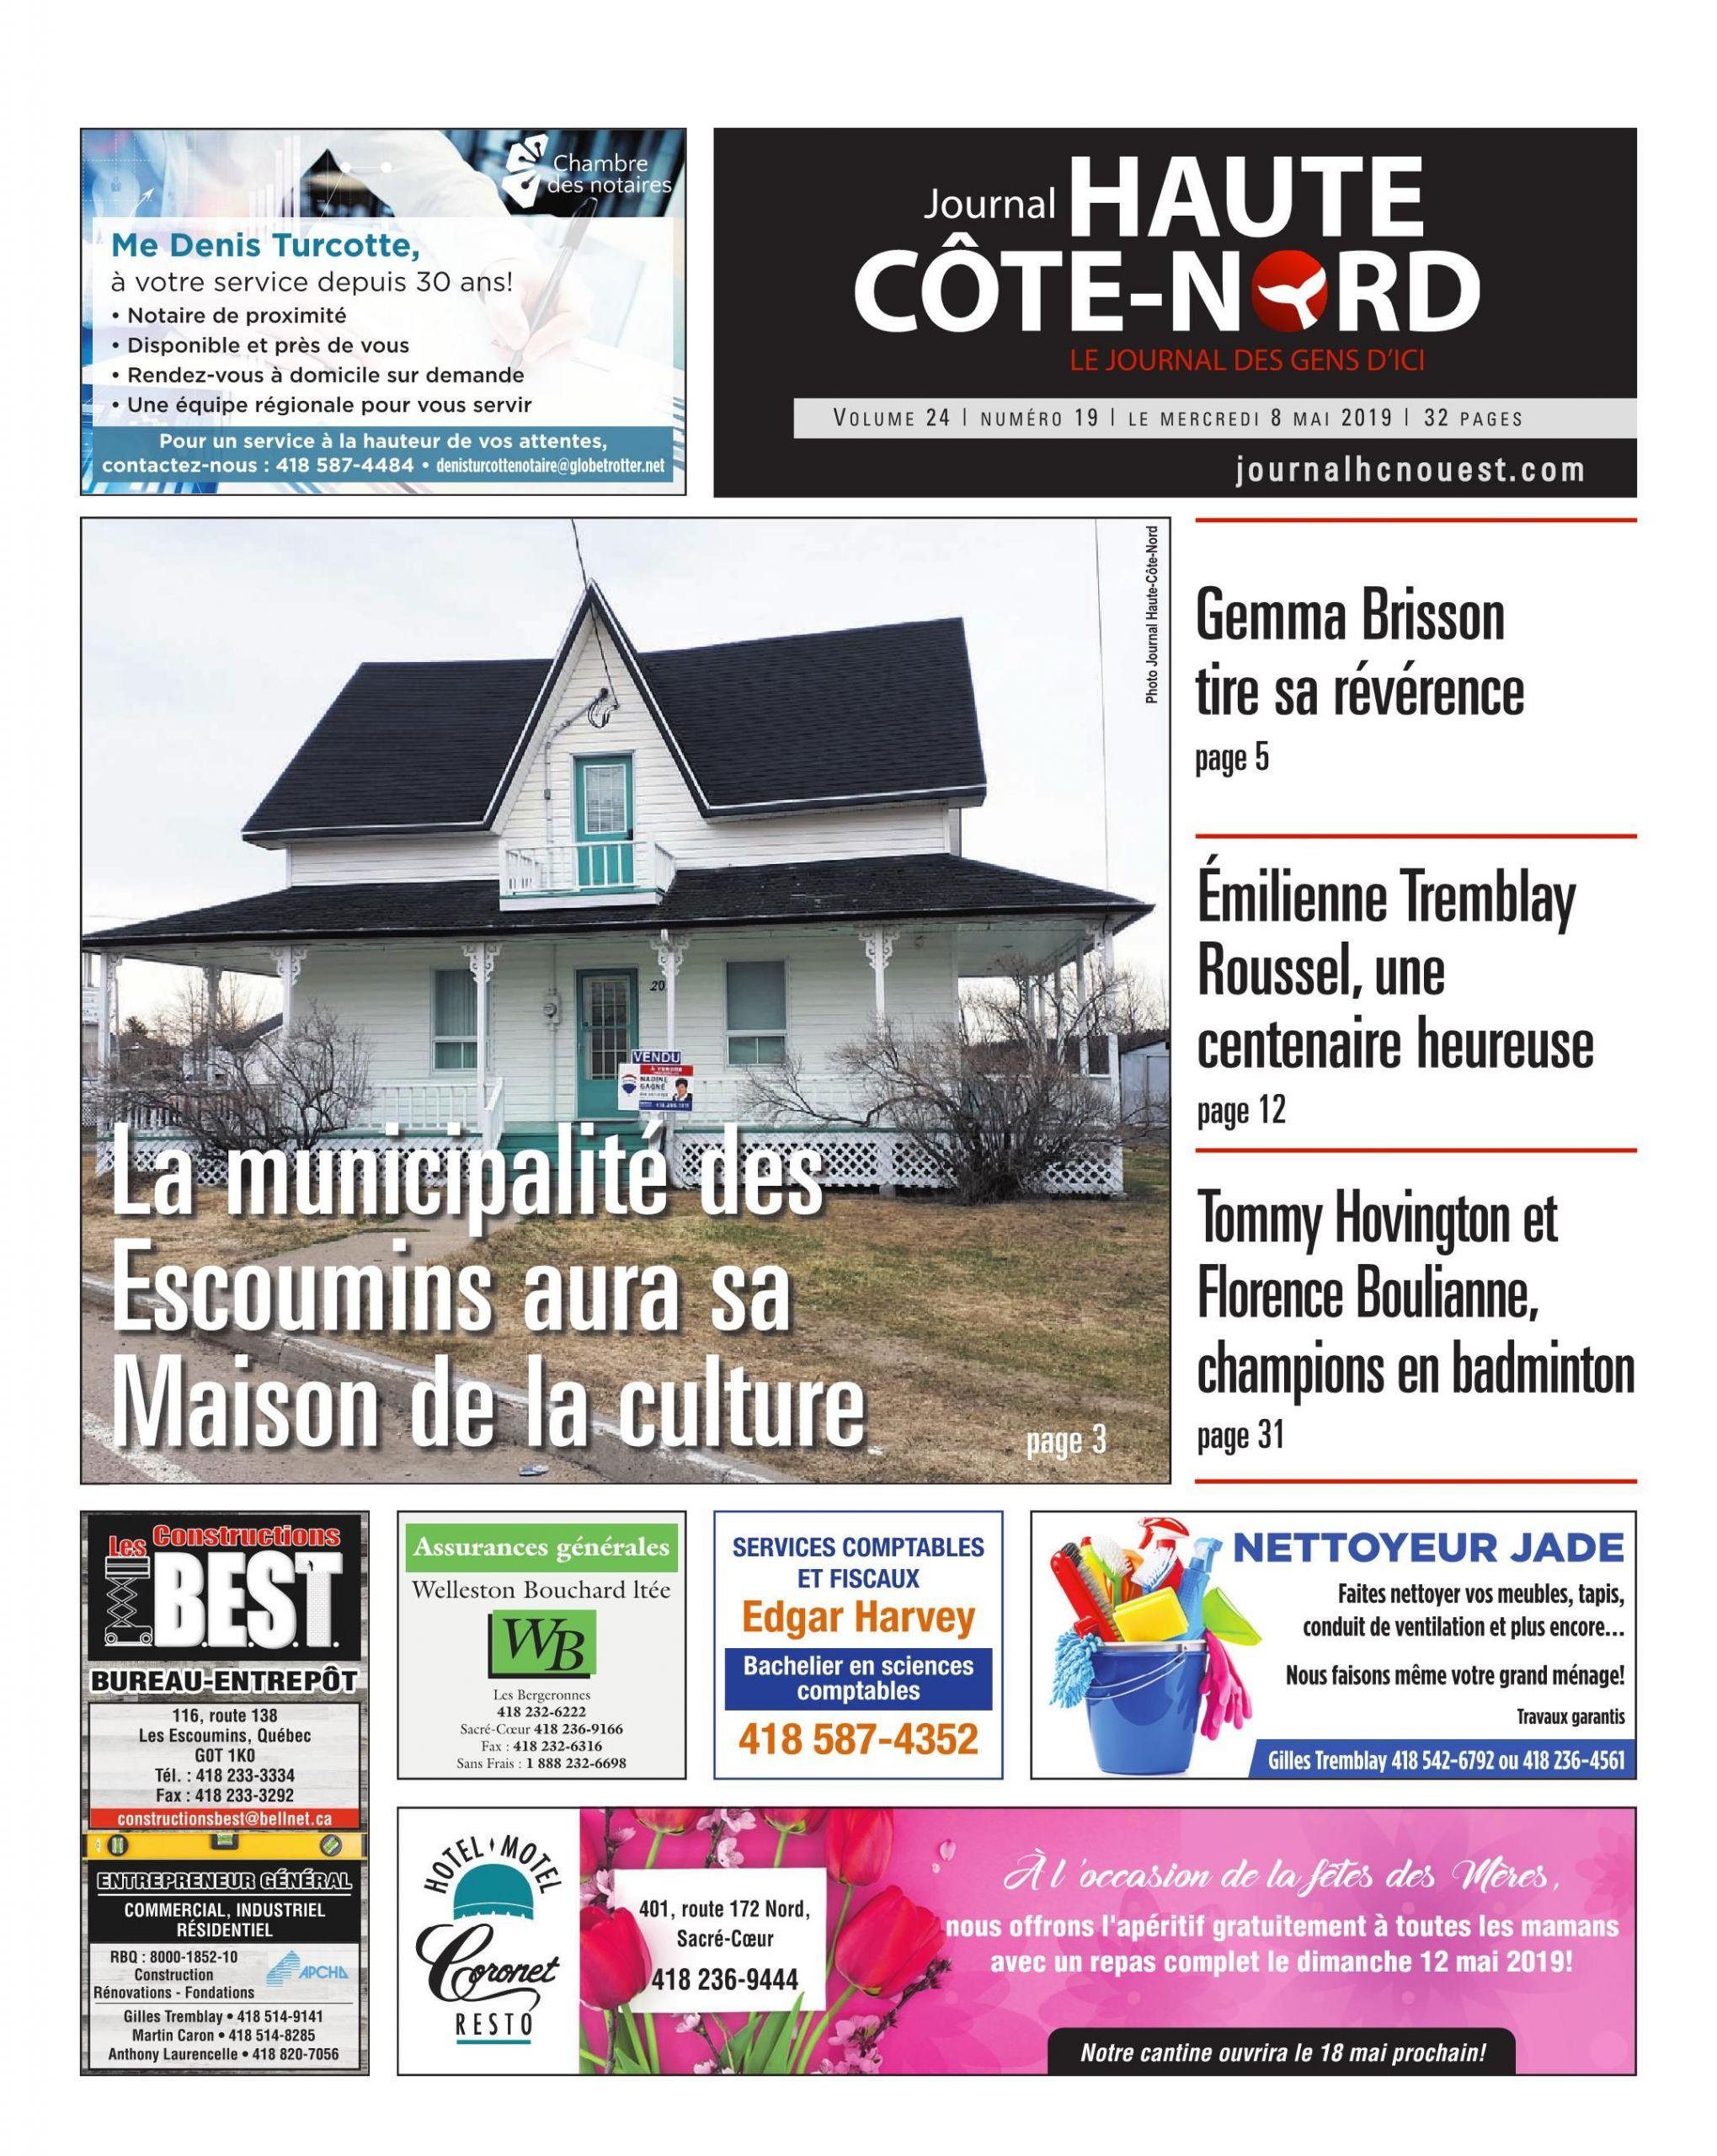 Ensemble Repas Jardin Beau Le Haute C´te nord 8 Mai 2019 Pages 1 32 Text Version Of 21 Nouveau Ensemble Repas Jardin